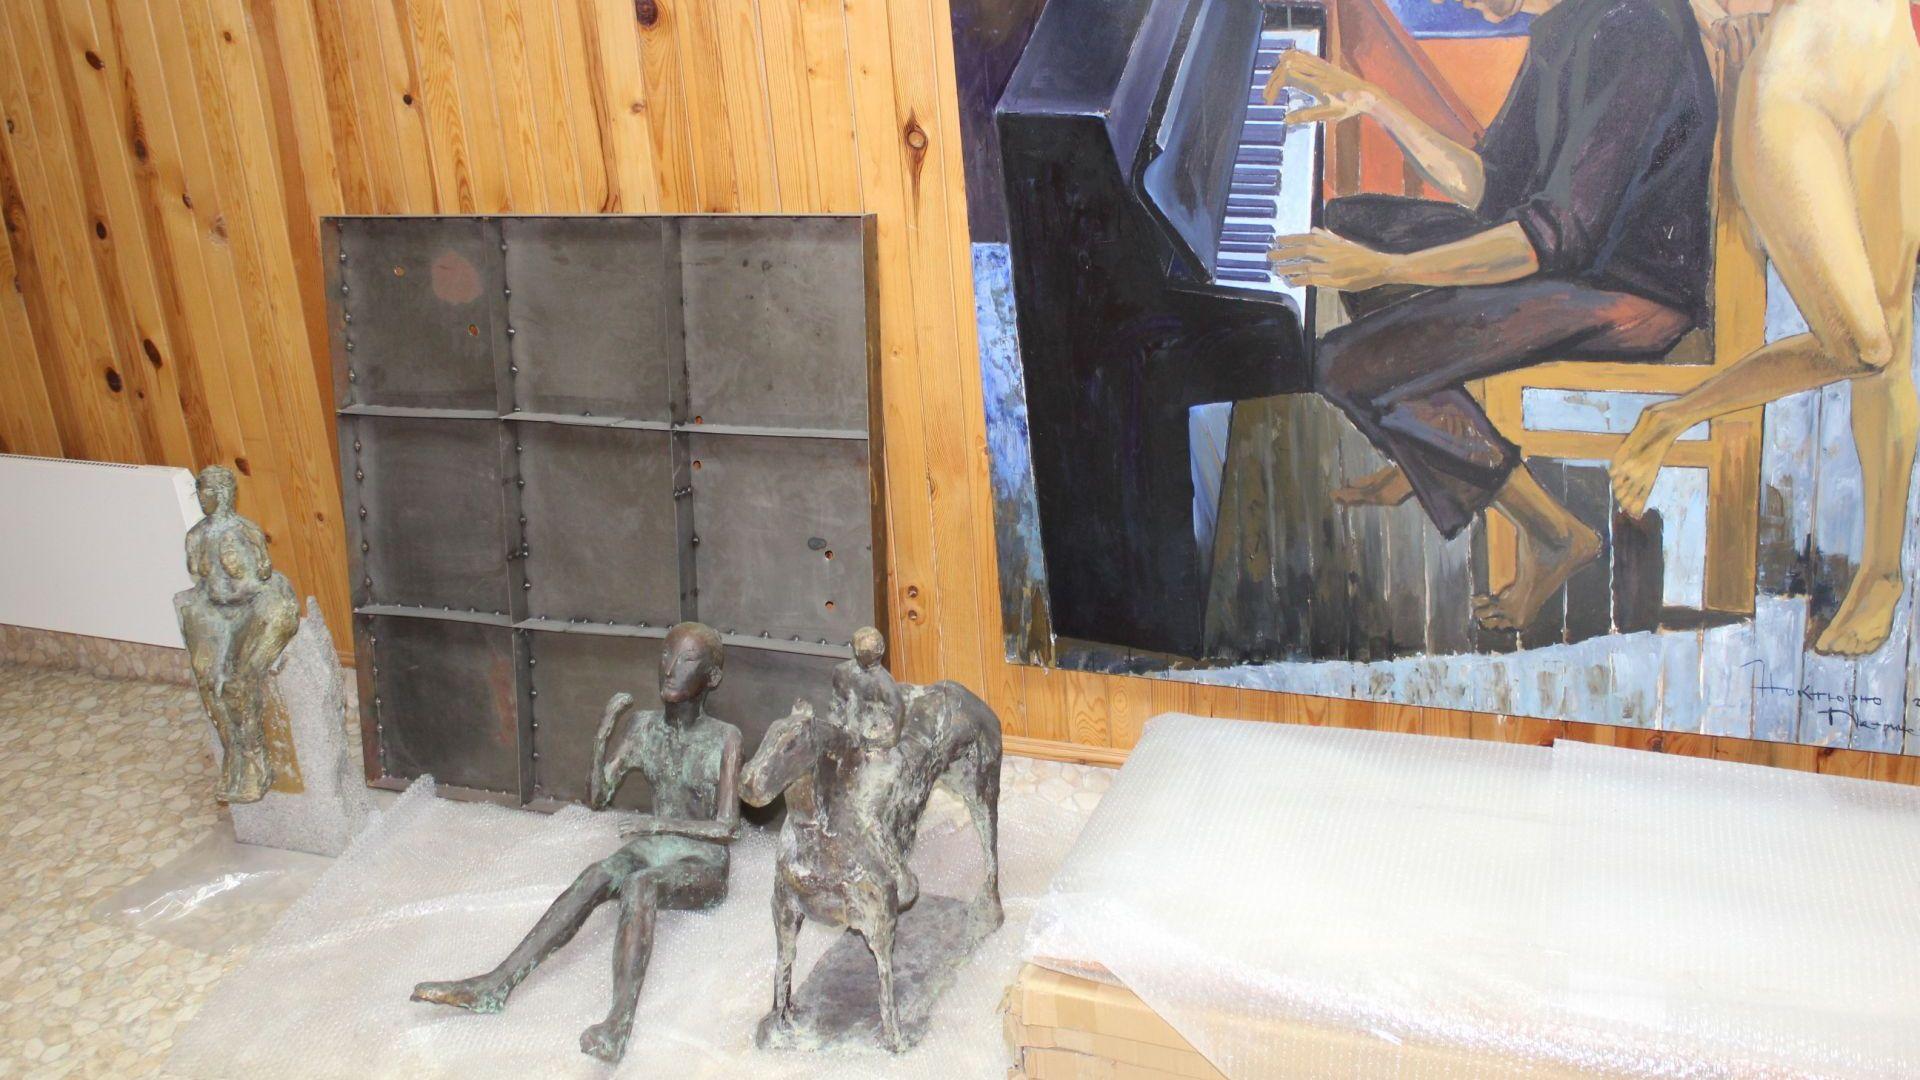 ЮНЕСКО проверява изземването на антиките на Божков, Банов отрече изнасяне на предмети от колекцията (видео)